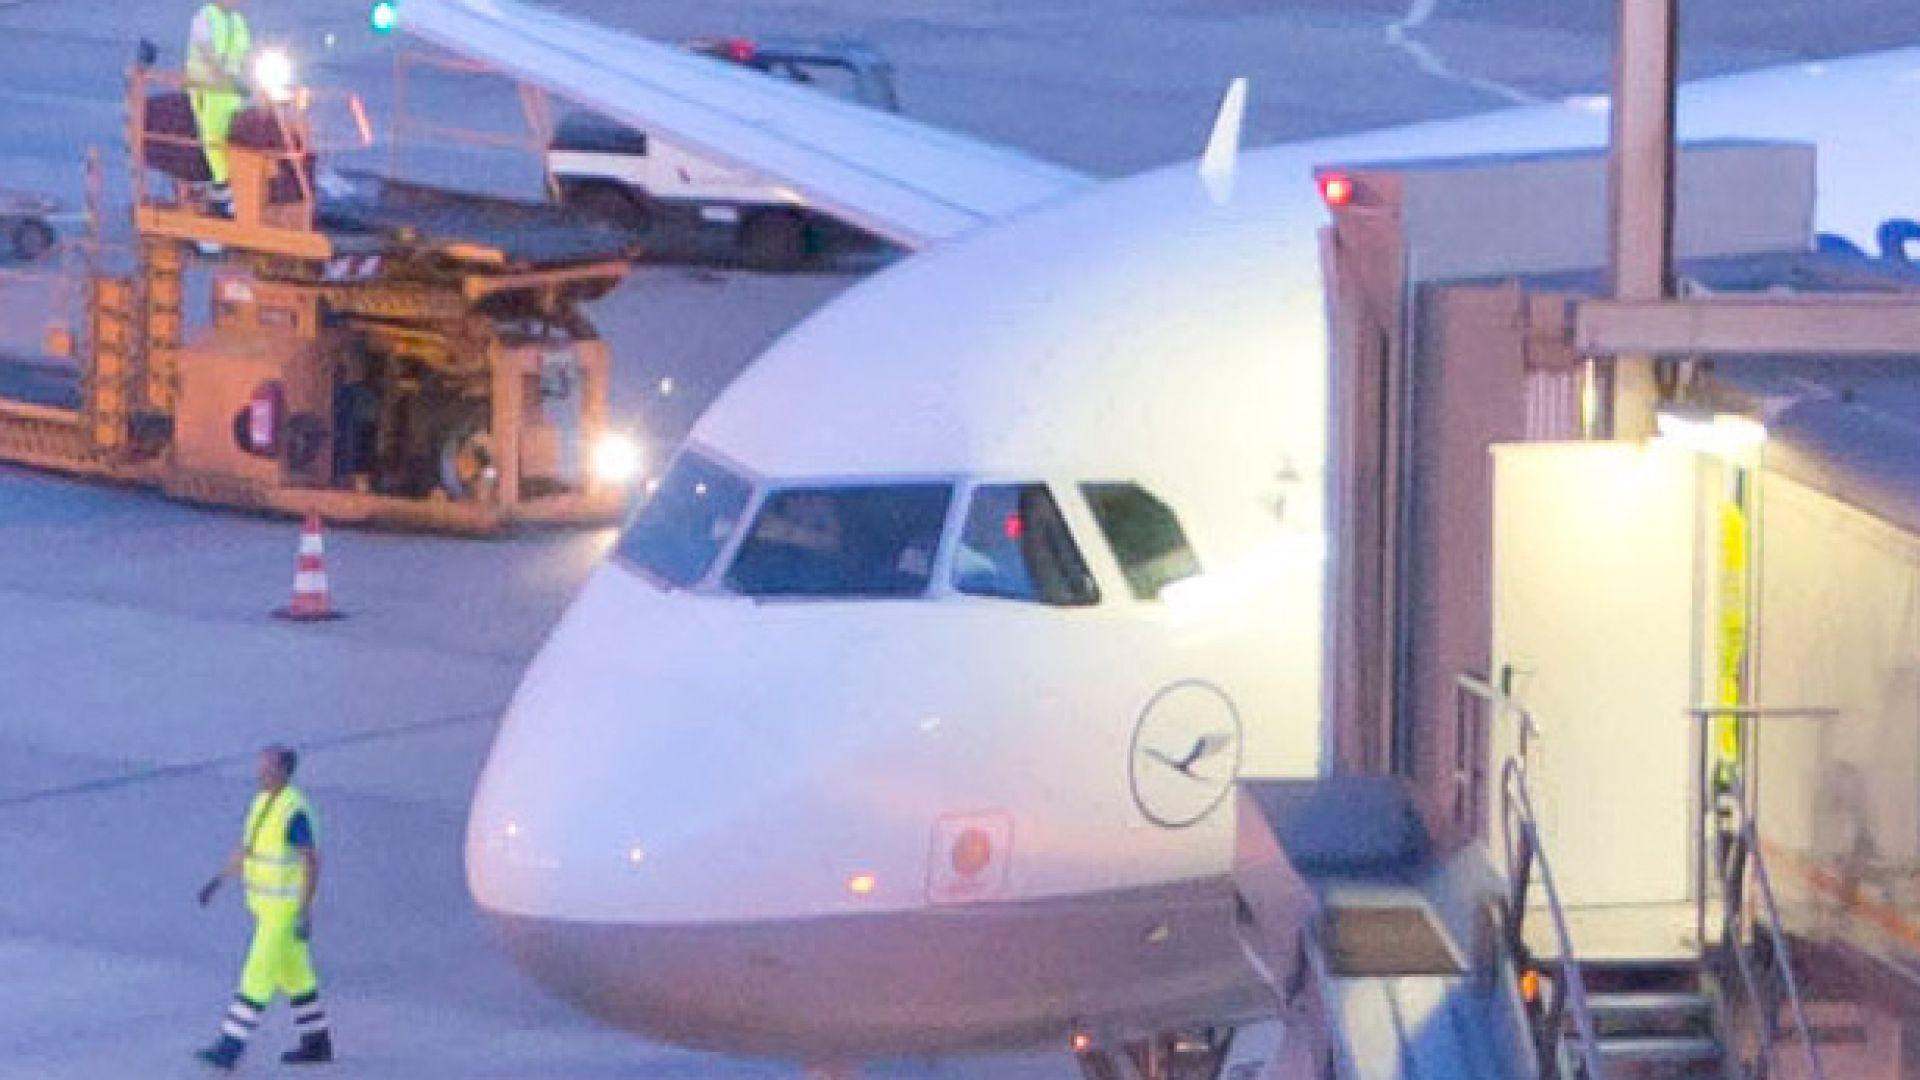 Затвориха летището в Бремен заради пробив в сигурността